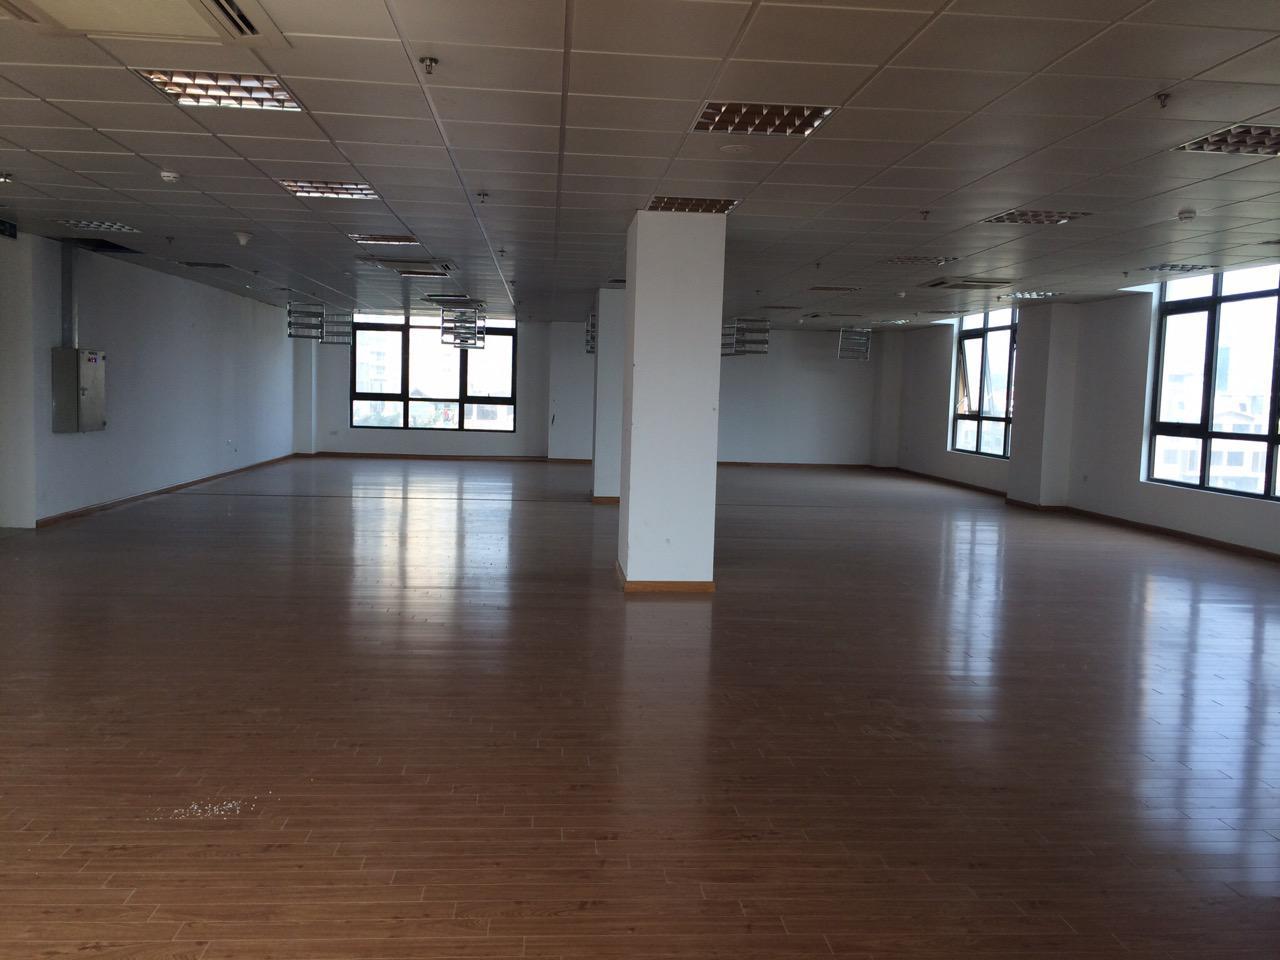 Cho thuê văn phòng ở TP Hồ Chí Minh